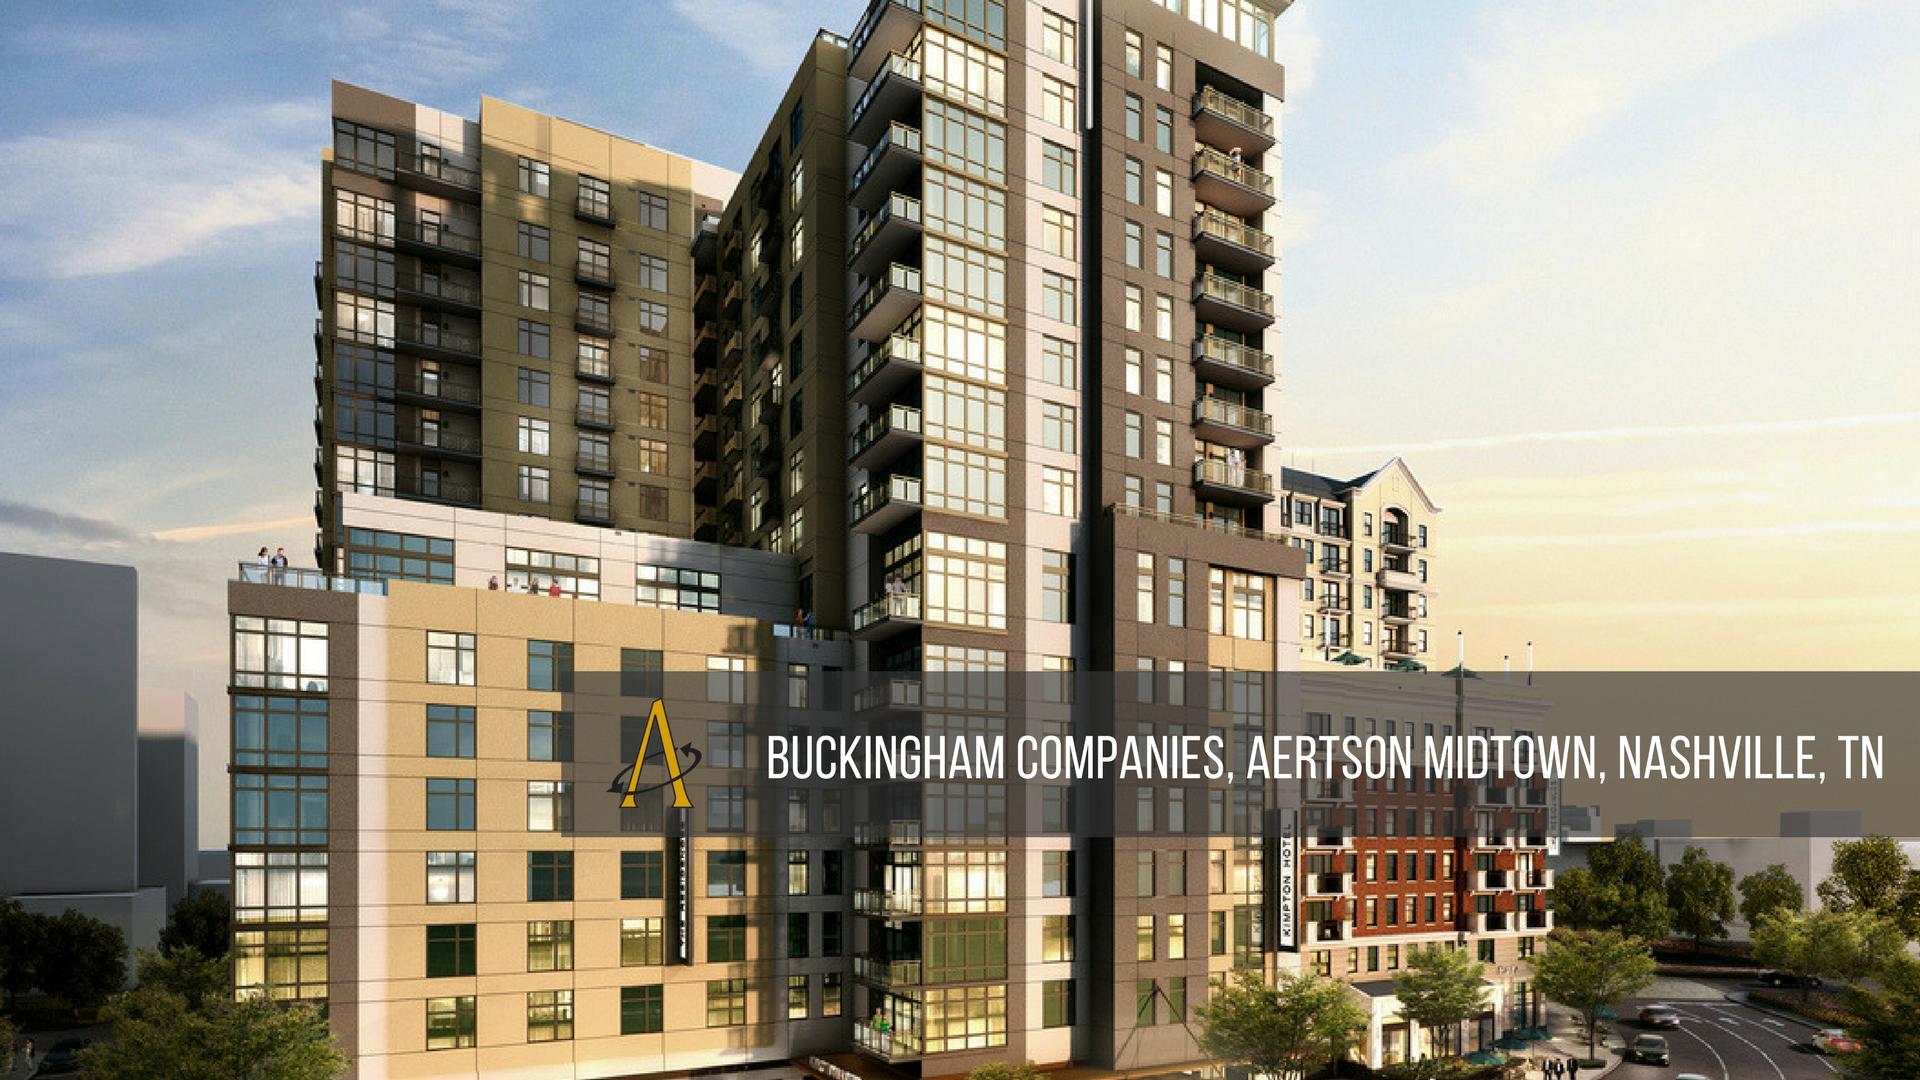 Buckingham Companies, Aertson Midtown, Nashville, TN